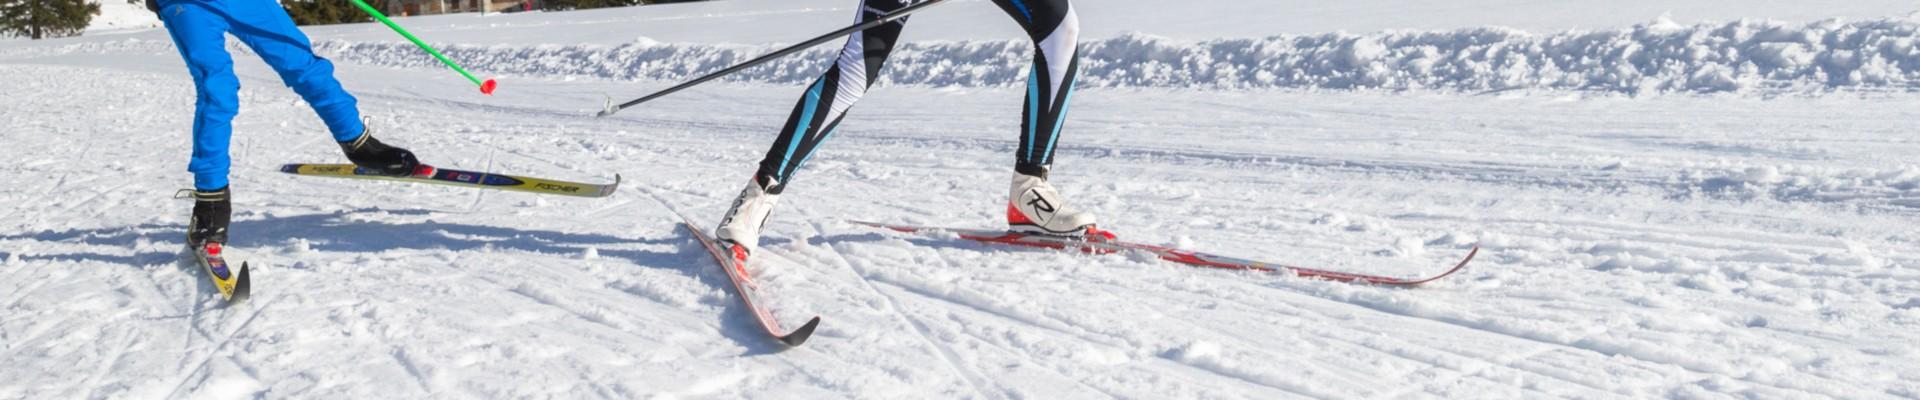 Nordic skiing in Bozel